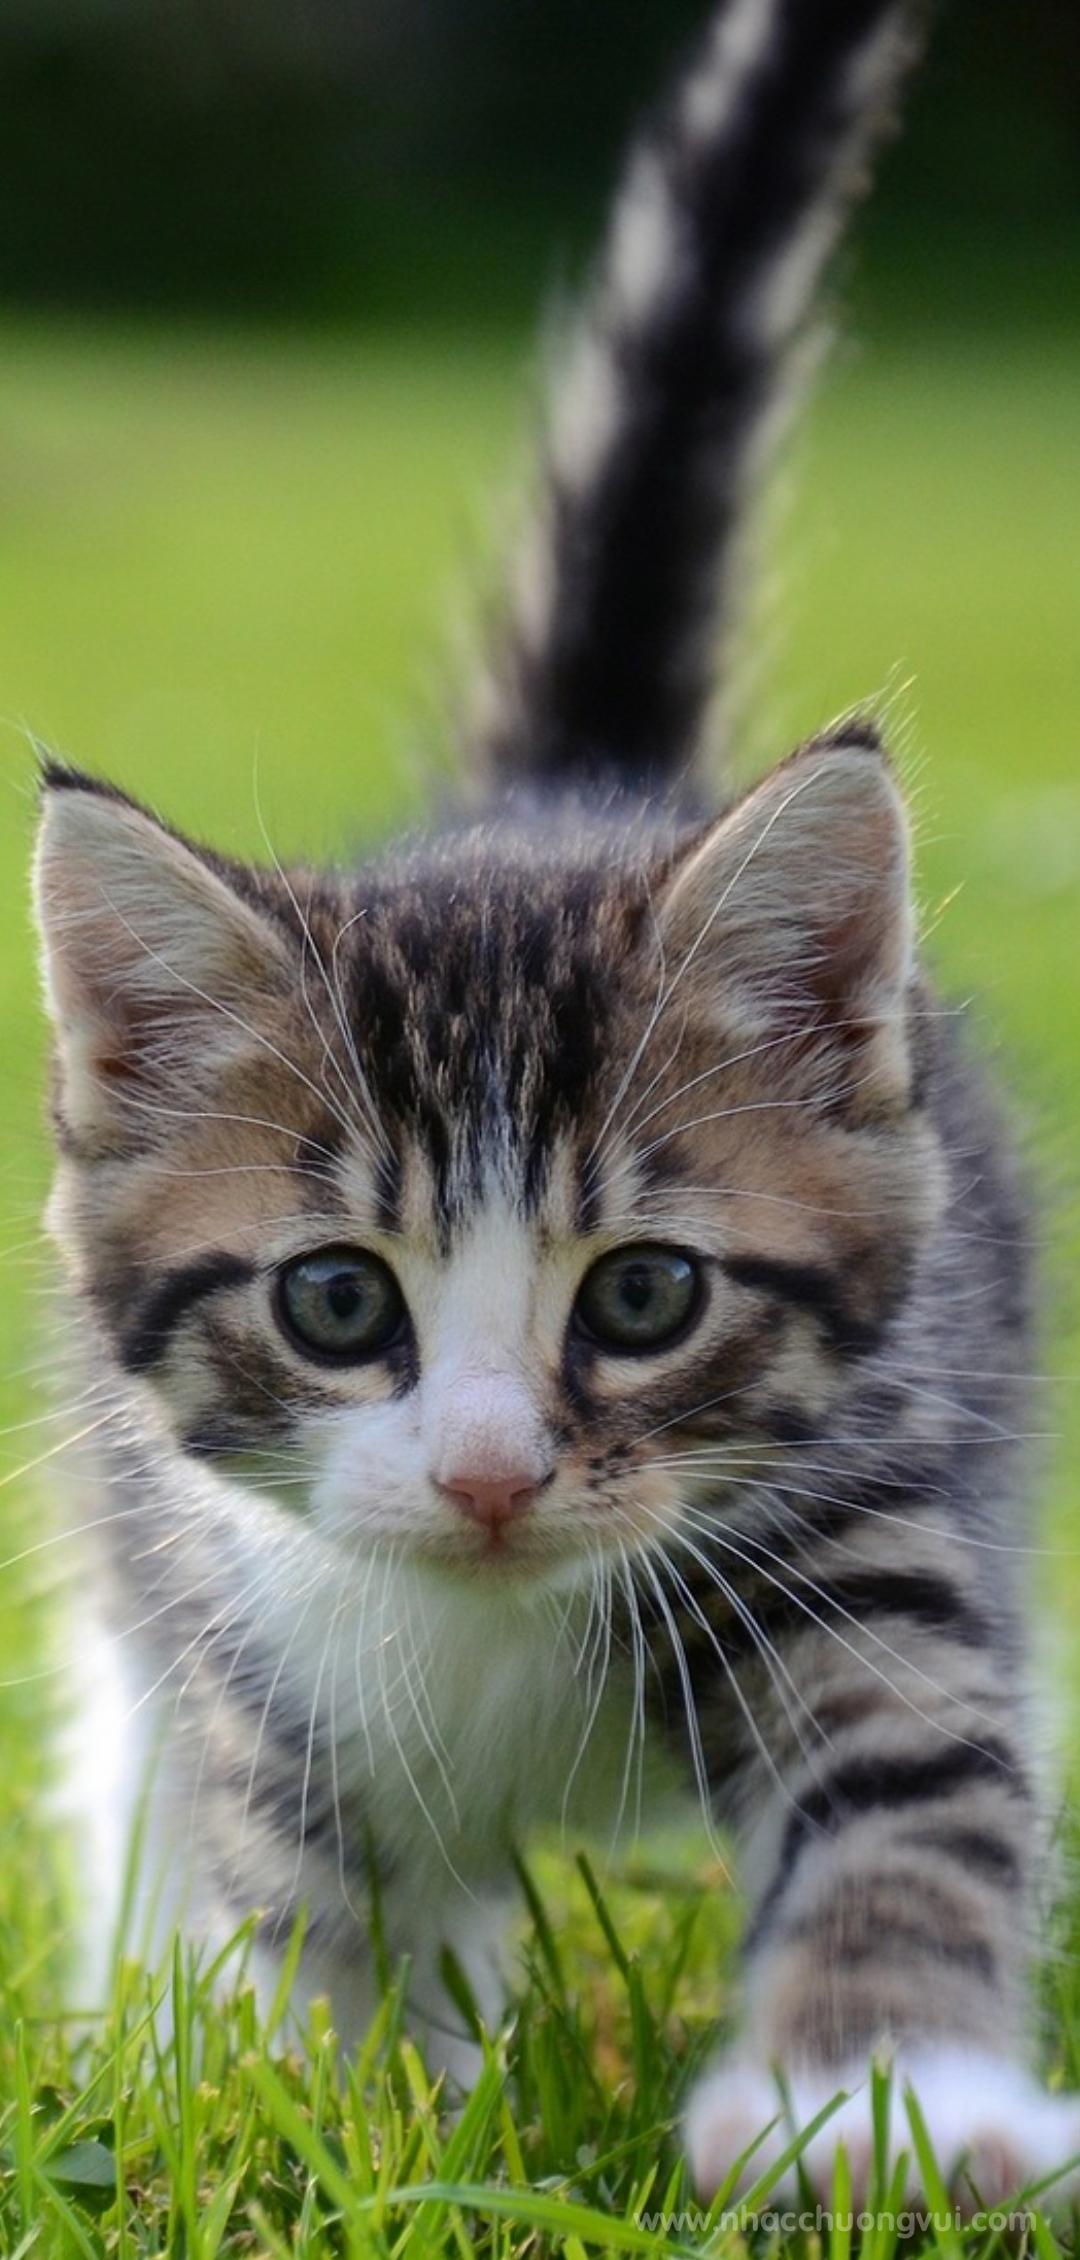 Hình nền mèo cho điện thoại dễ thương nhất 28